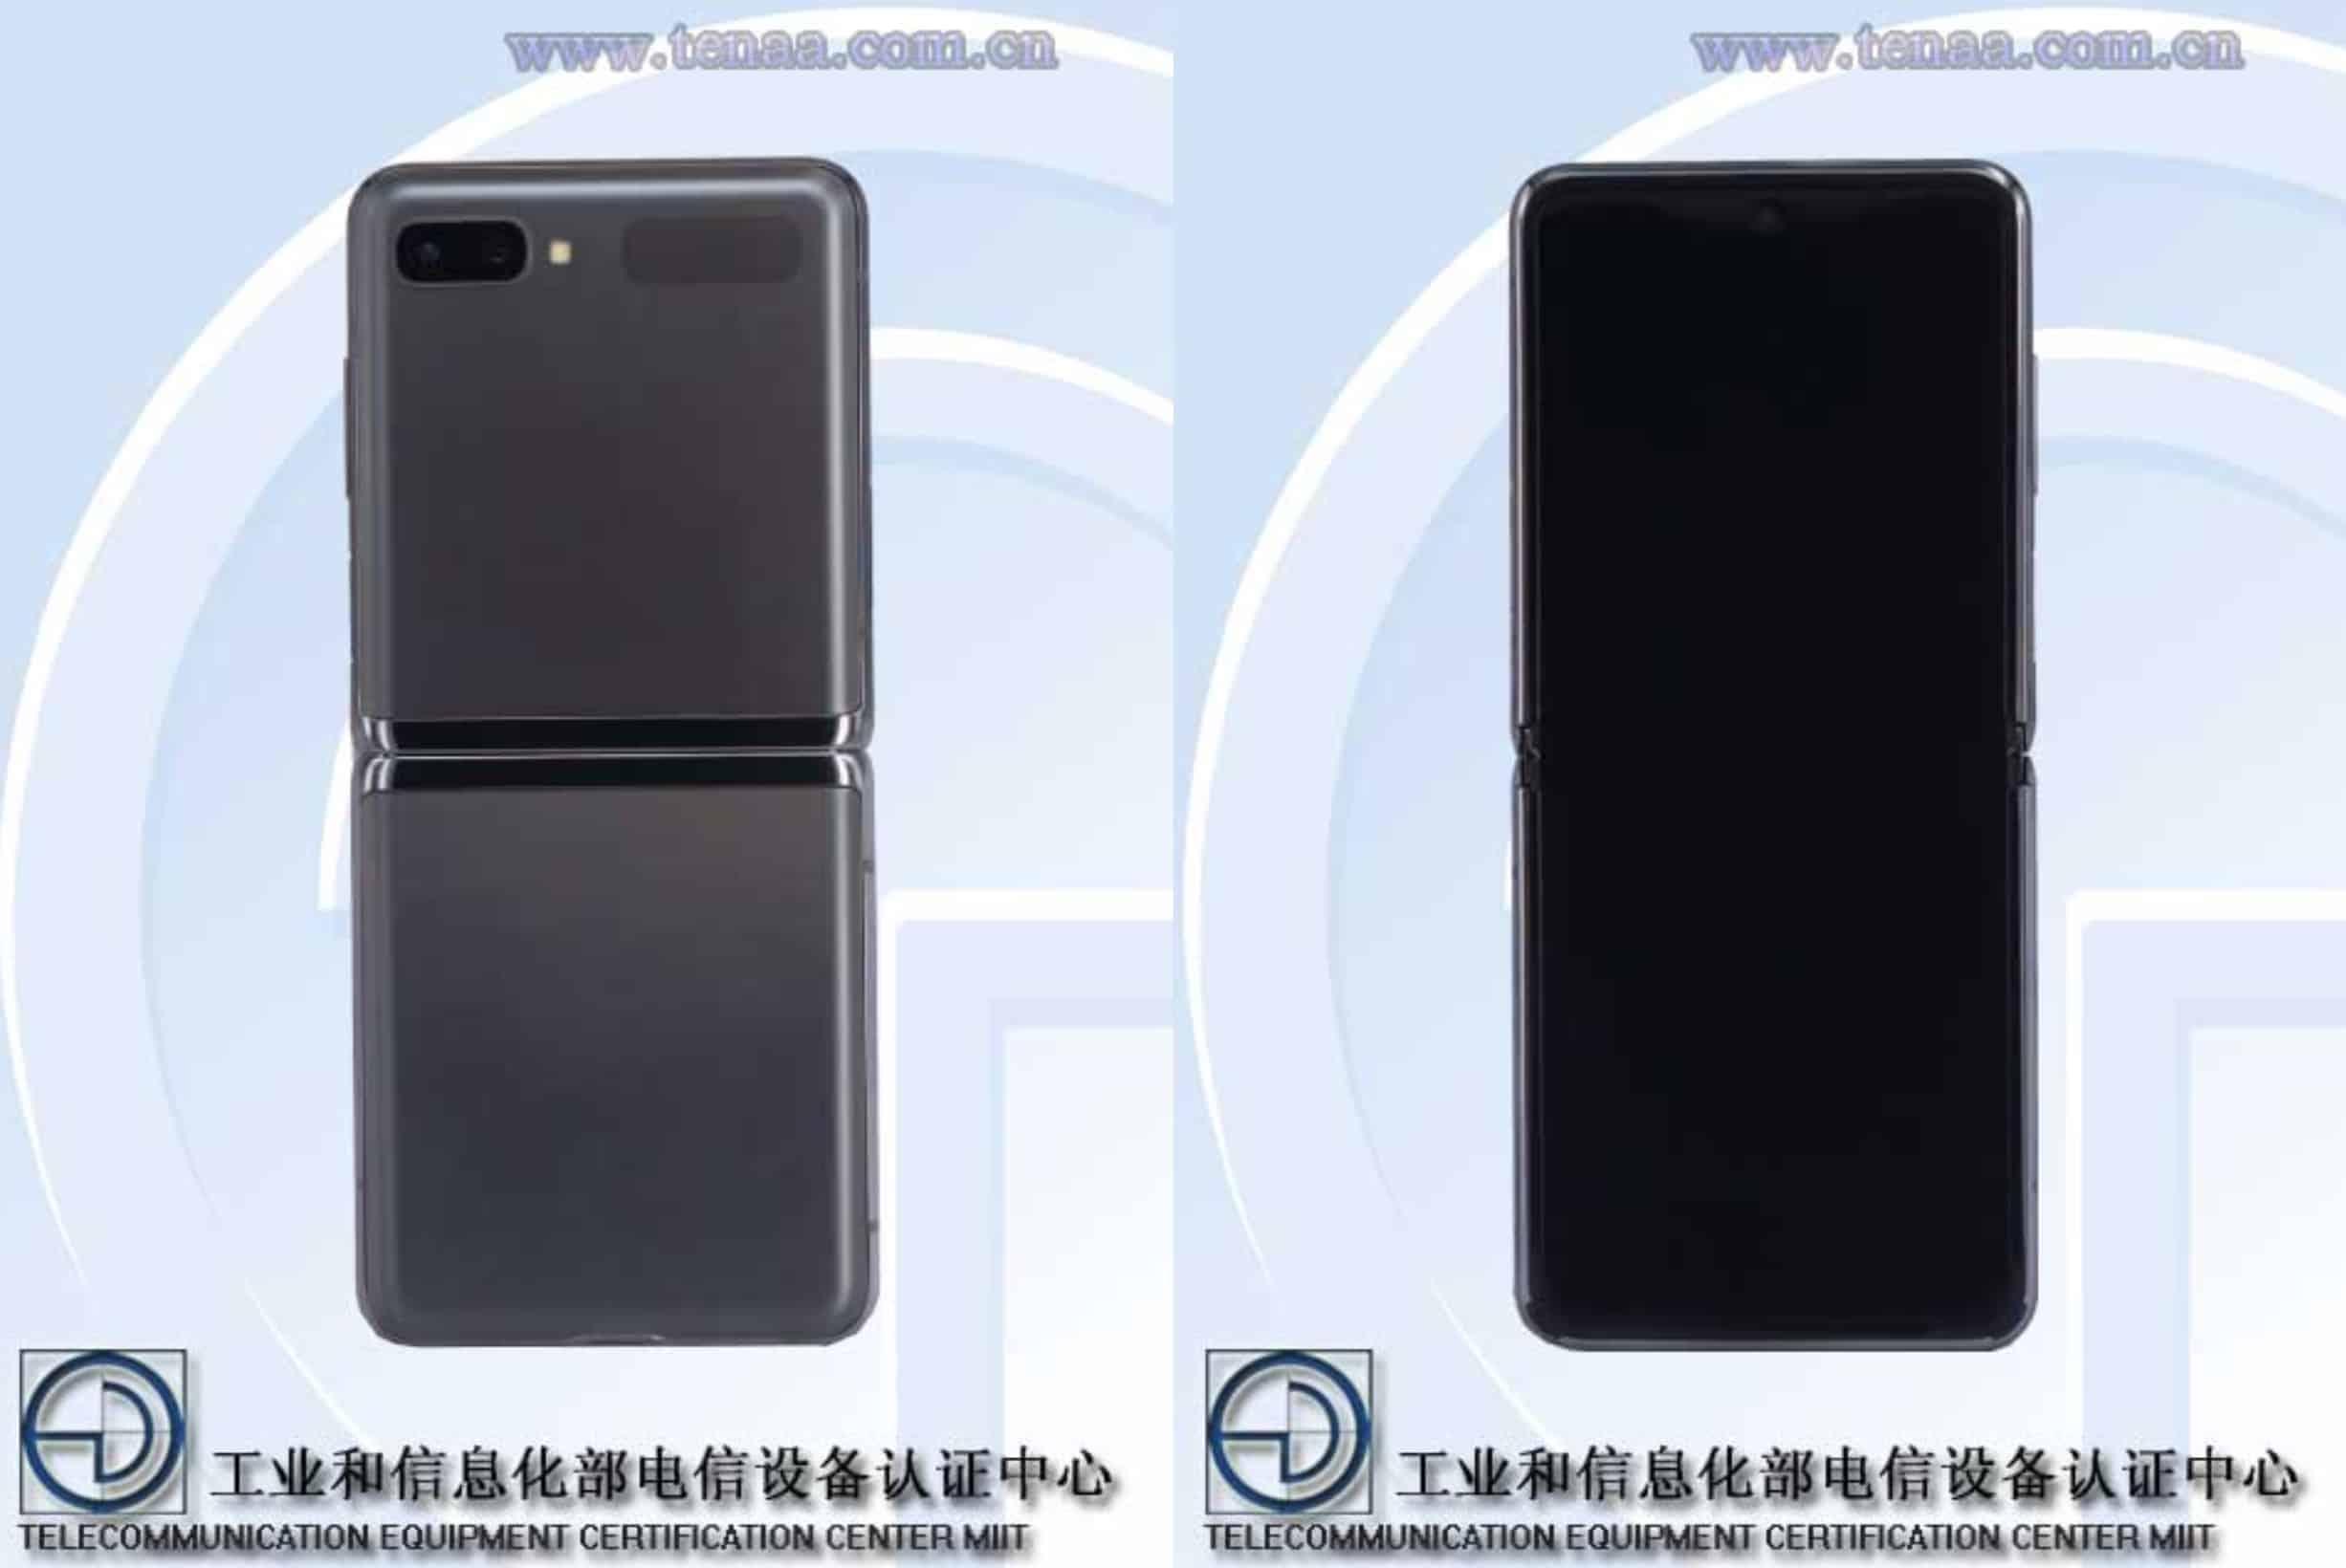 Samsung Galaxy Z Flip 5G TENAA image 1